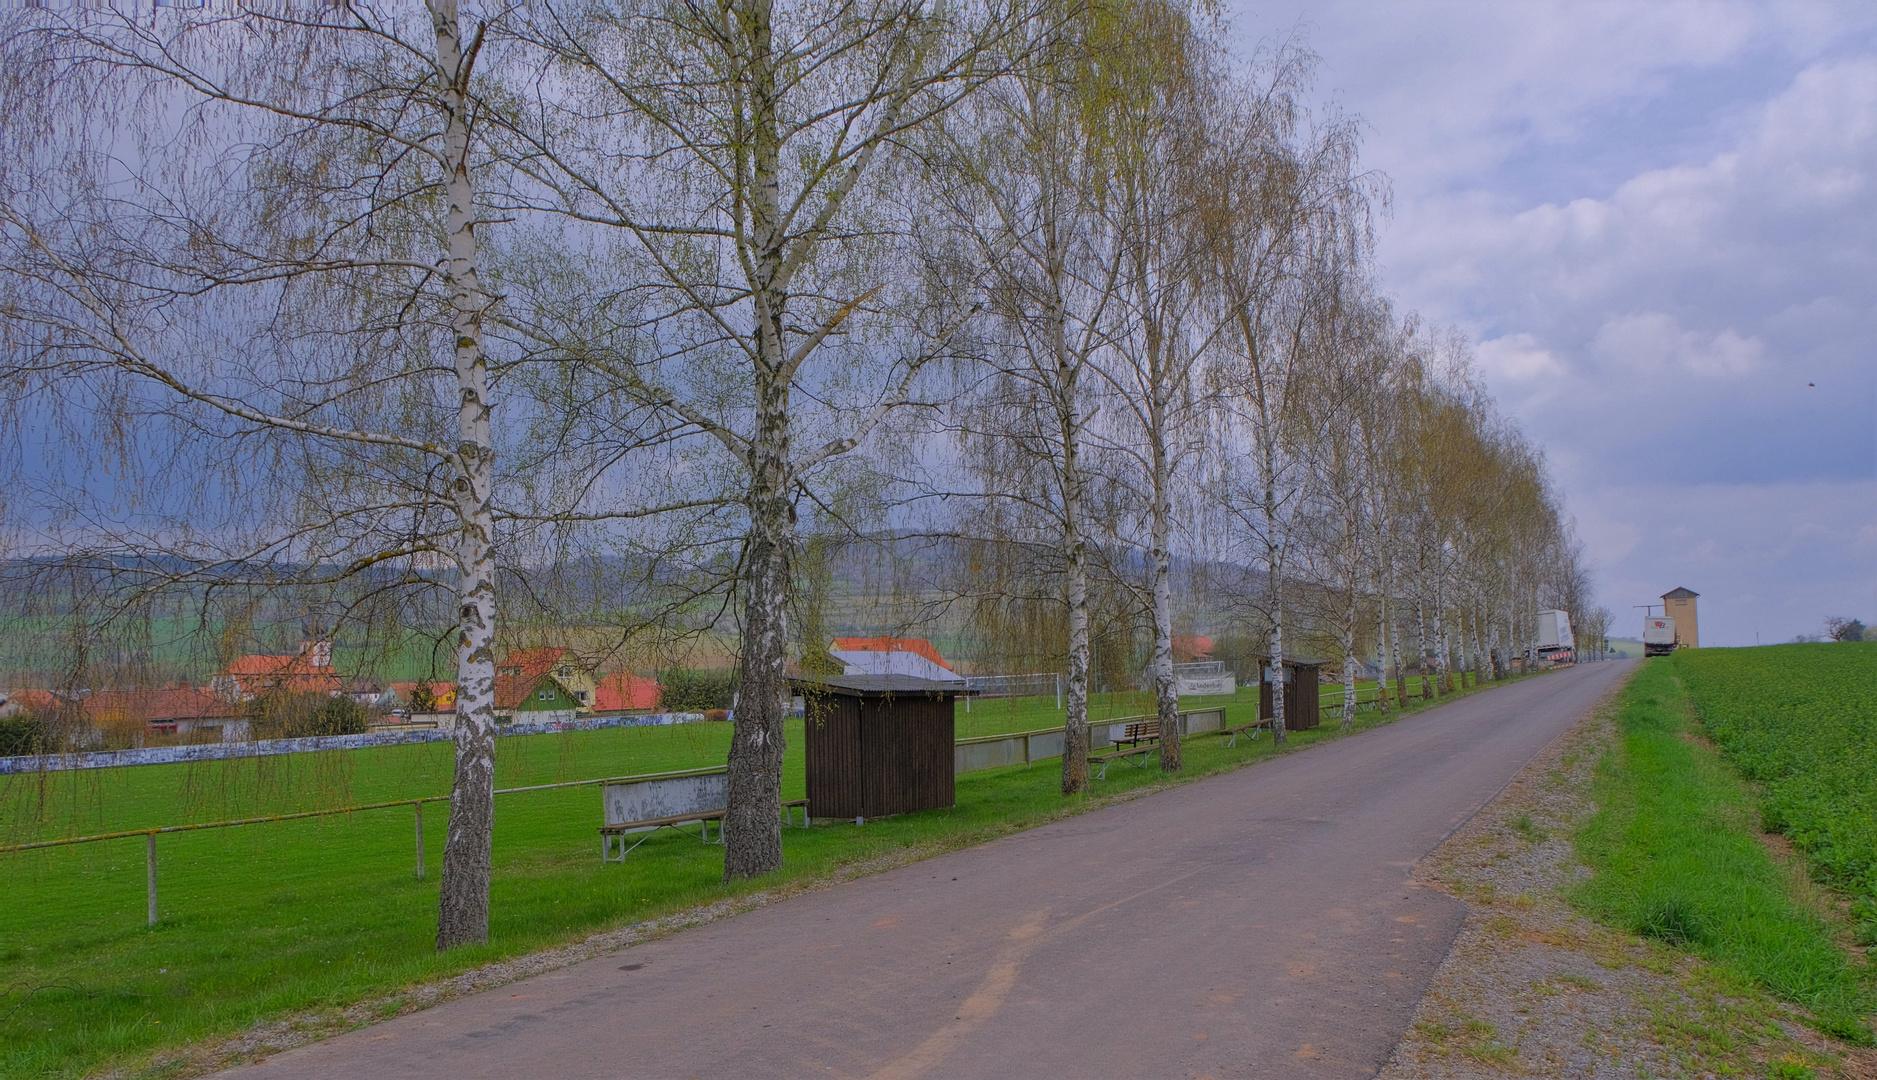 Straße am Sportplatz (calle al lado del campo de deportes)